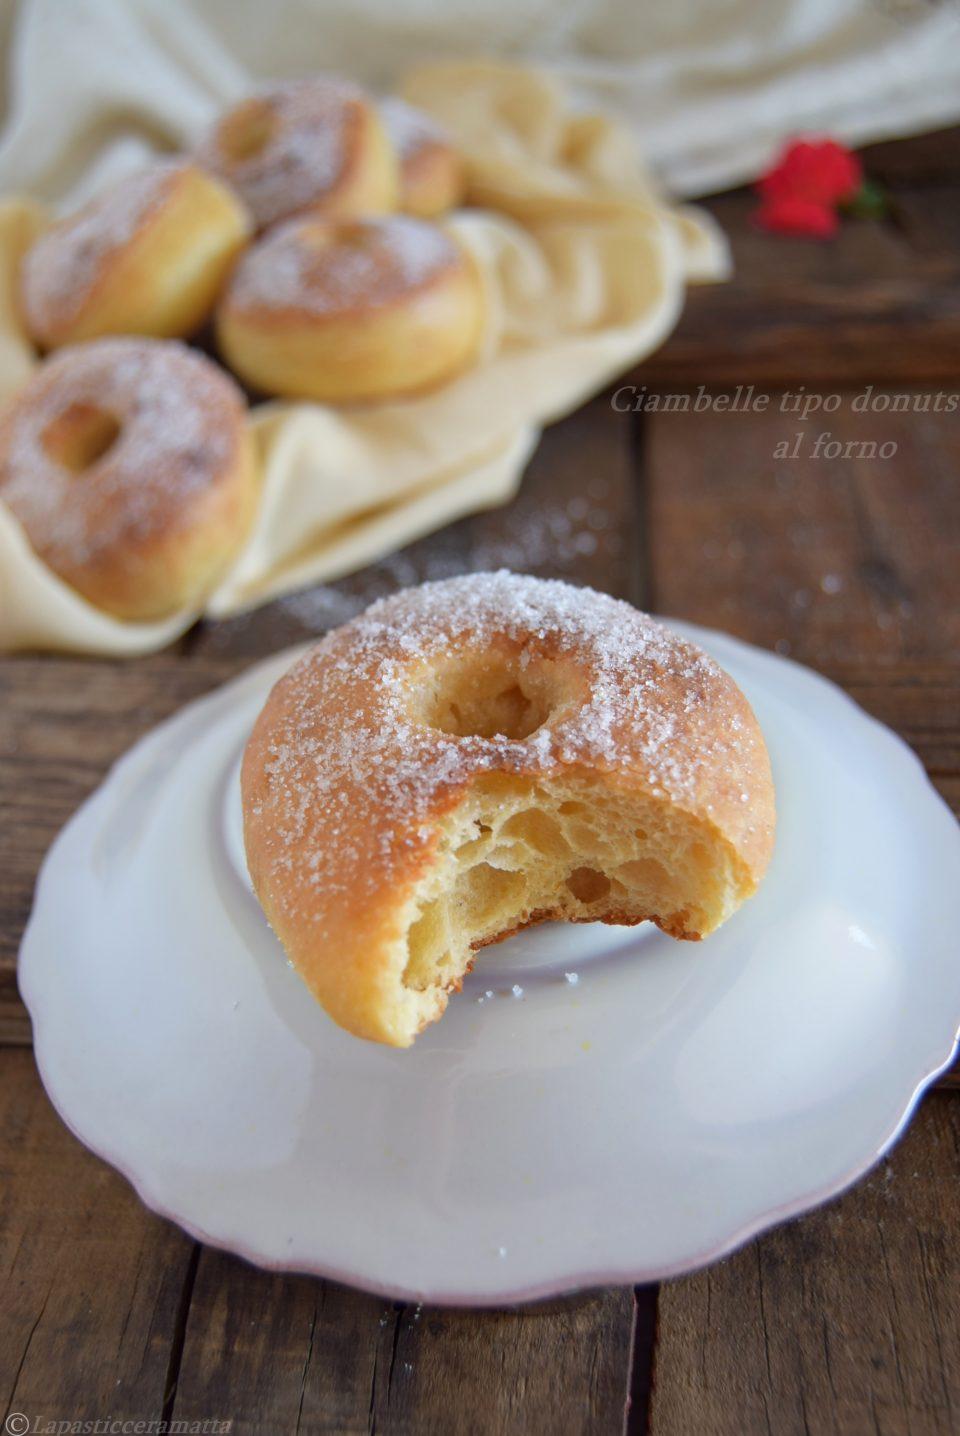 Ciambelle tipo donuts al forno